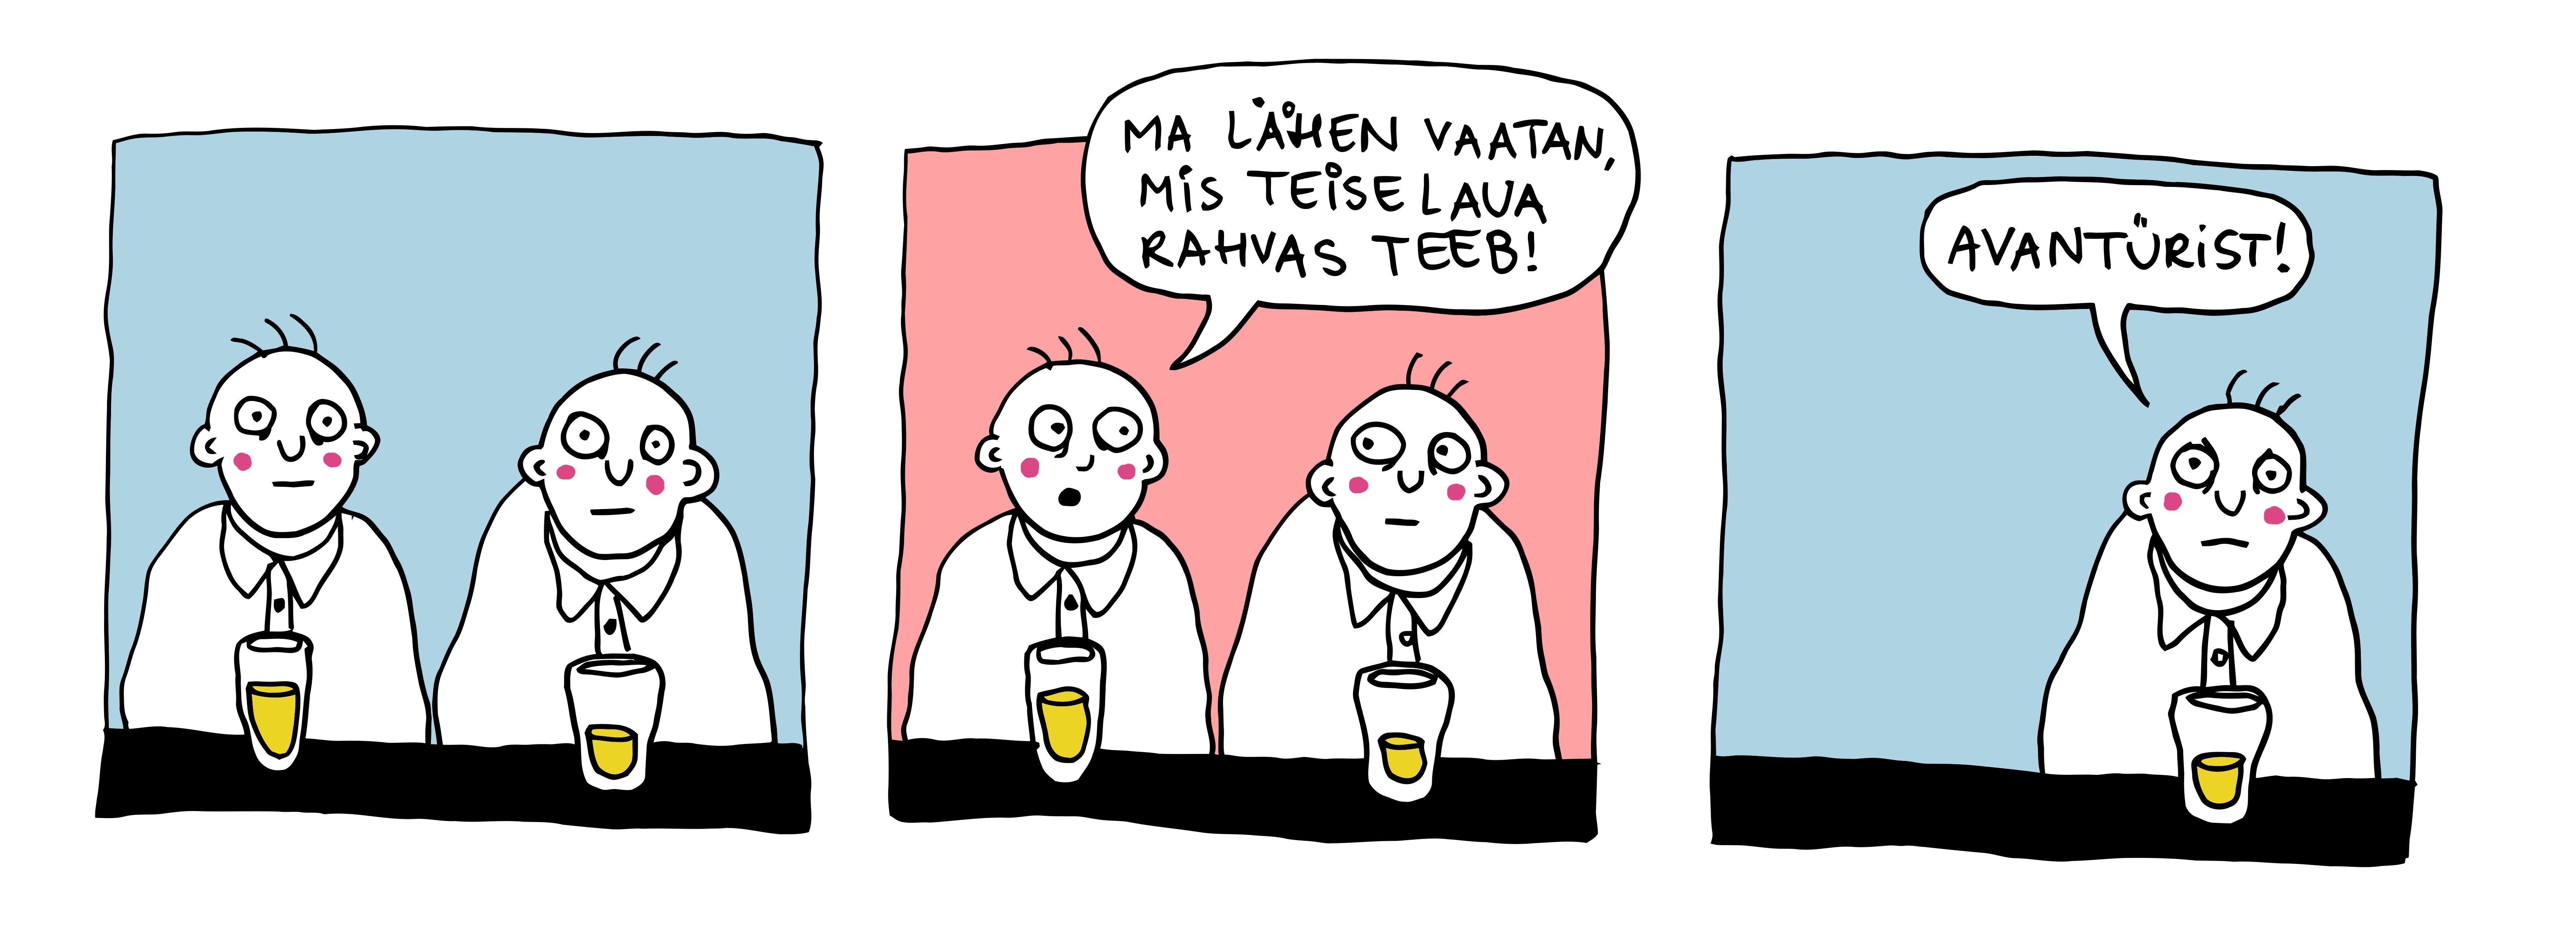 Ave Taavet, 2018